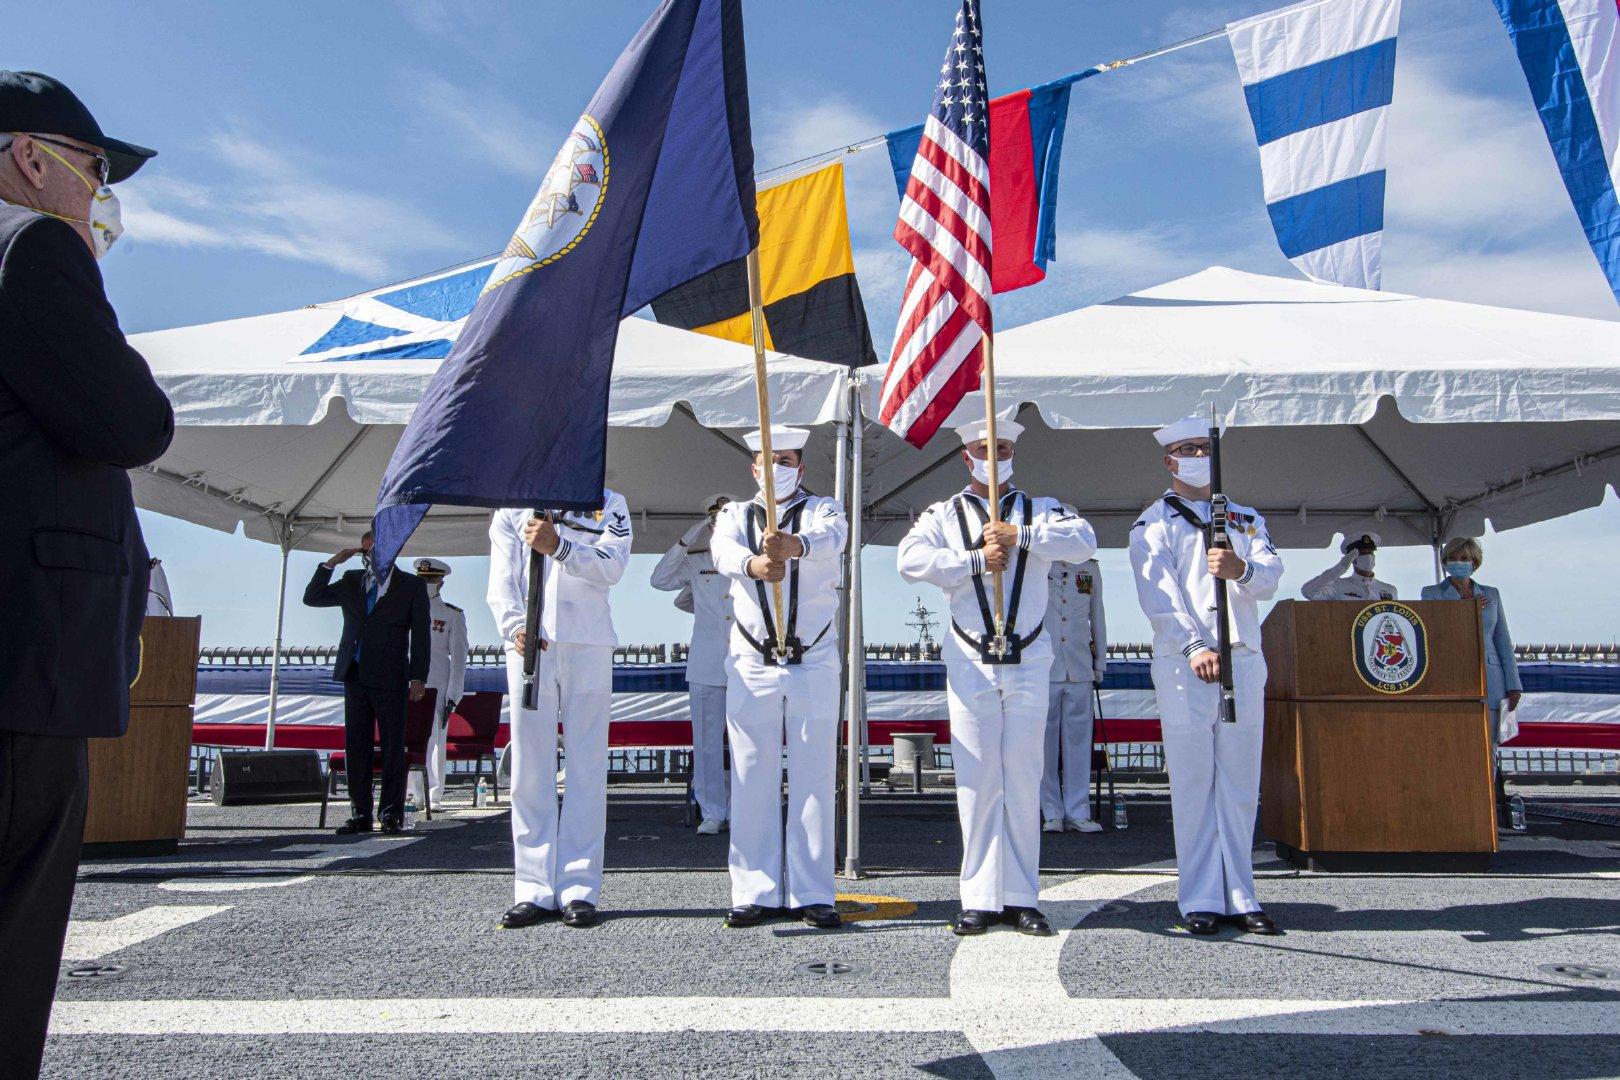 8月8日,美新型濒海战斗舰19号舰圣路易斯舰交舰仪式在梅波特港举行